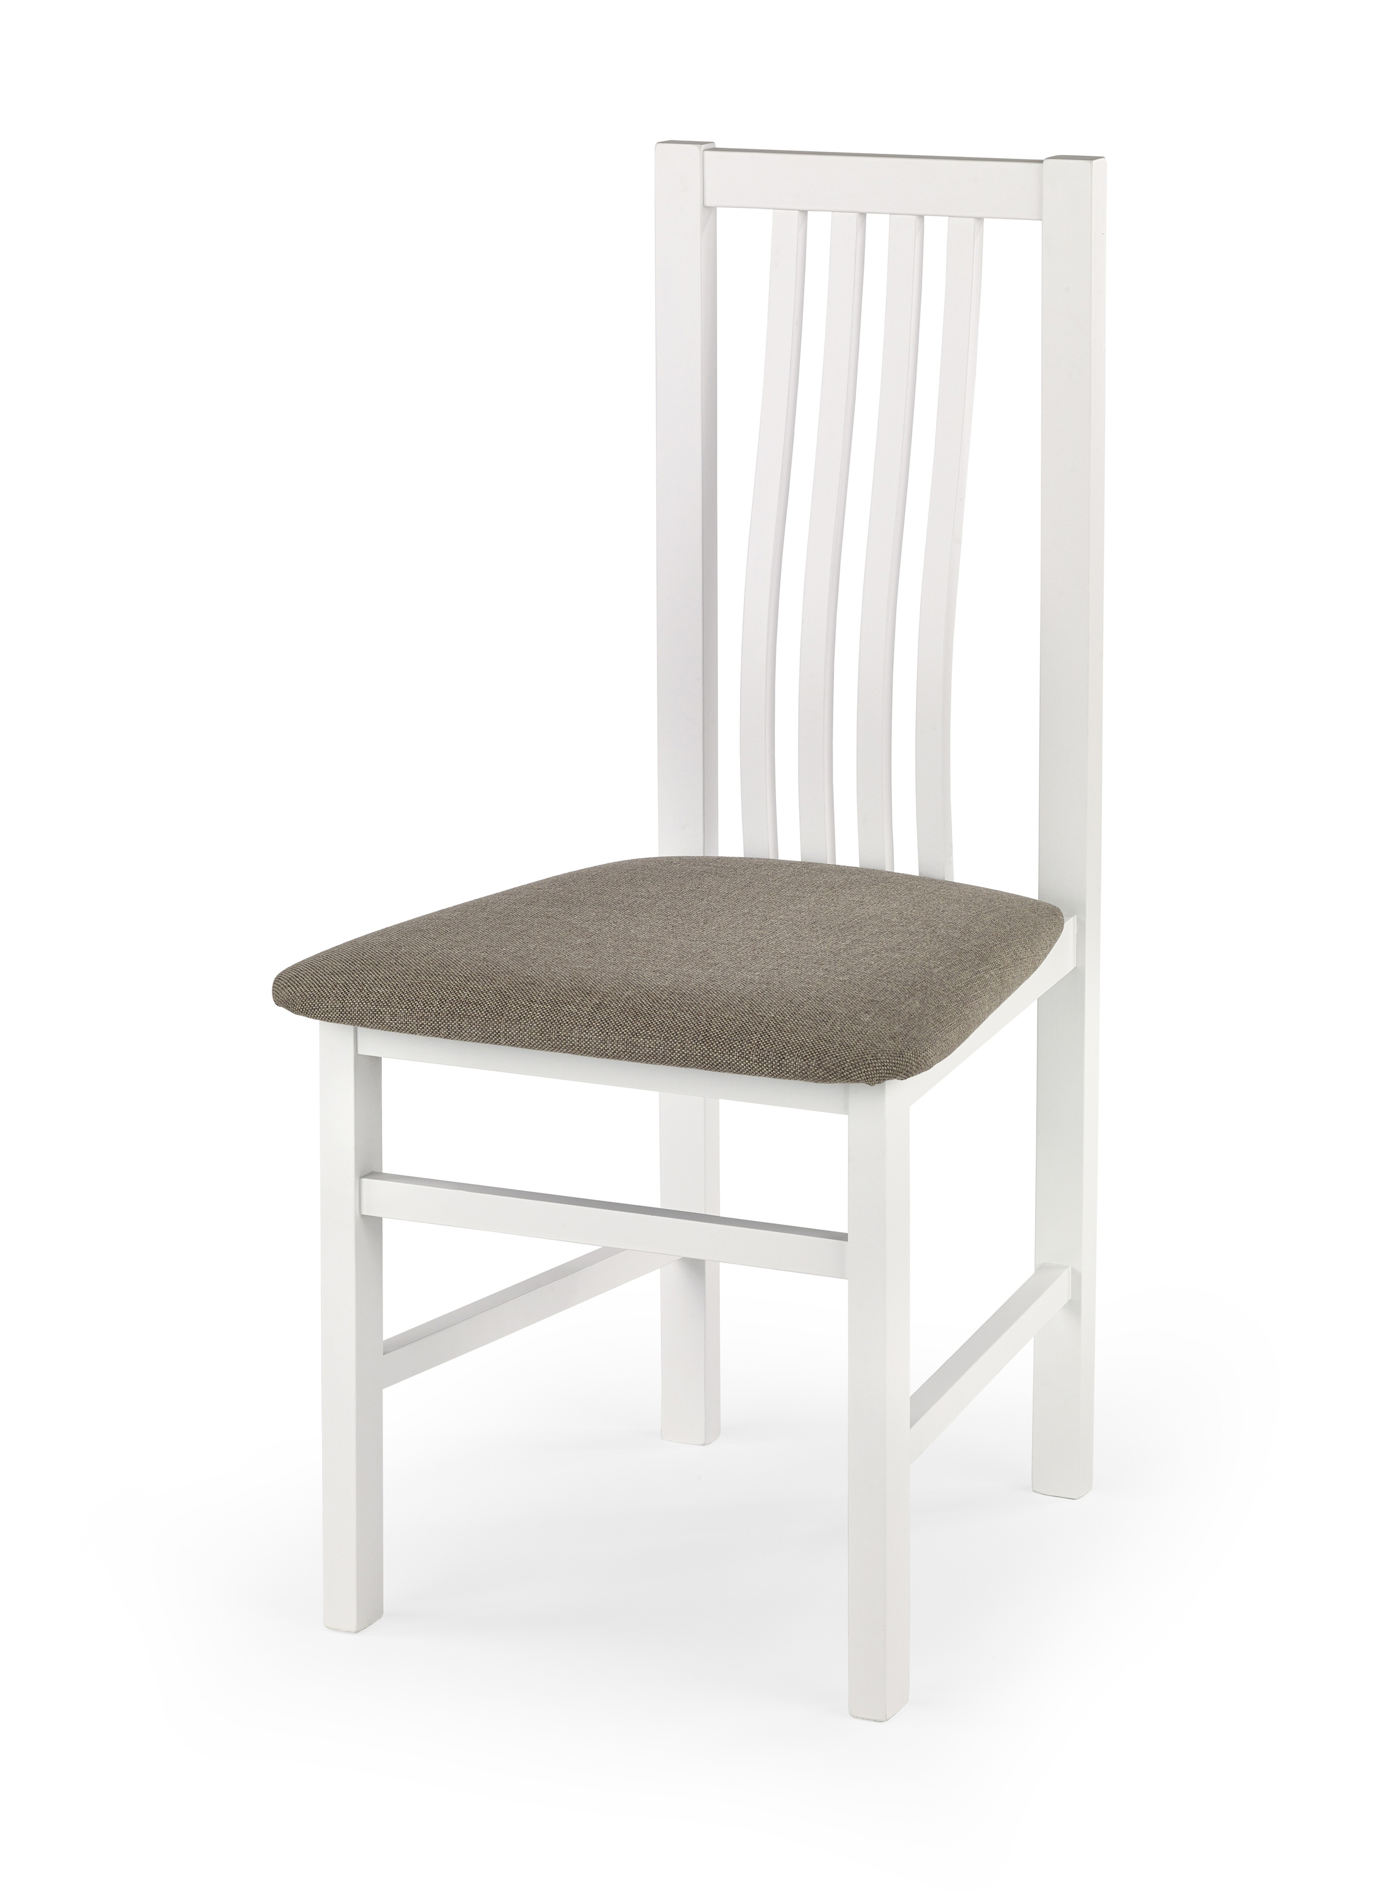 PAWEŁ krzesło biały / tap: Inari 23 (1p=2szt)